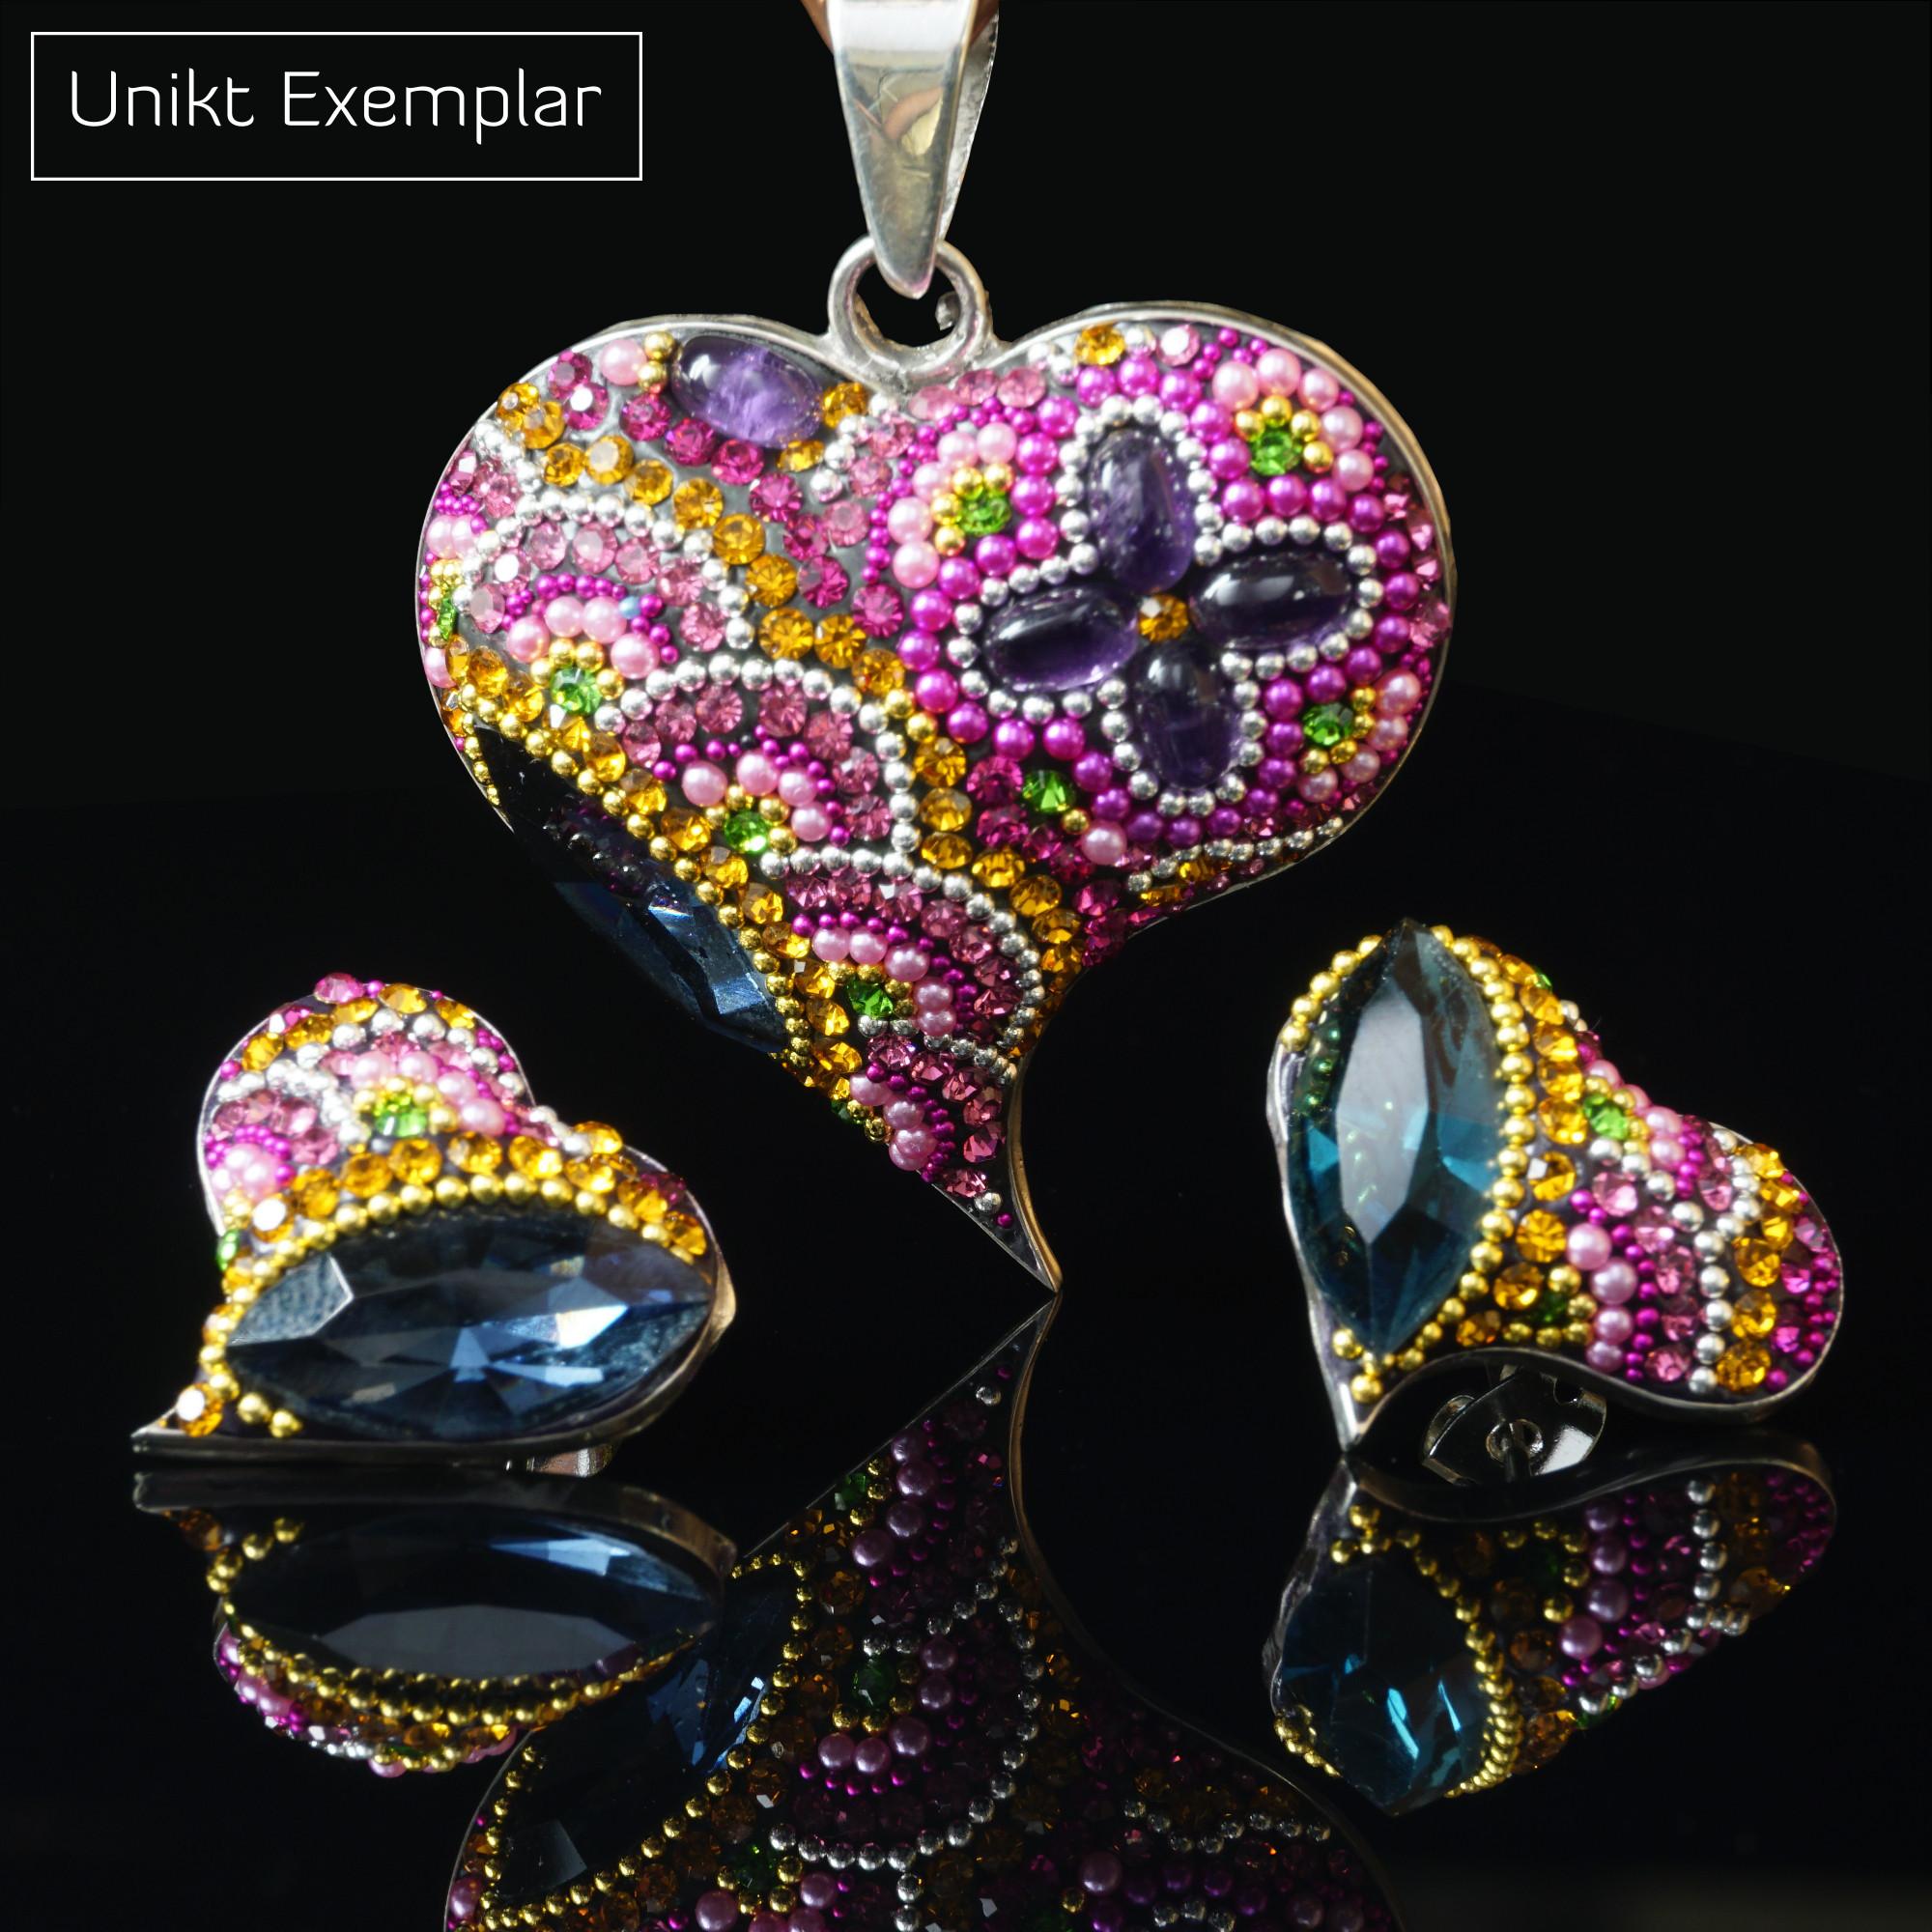 Fantastiskt Hjärta: örhängen och hänge gjorda av silver och kristaller